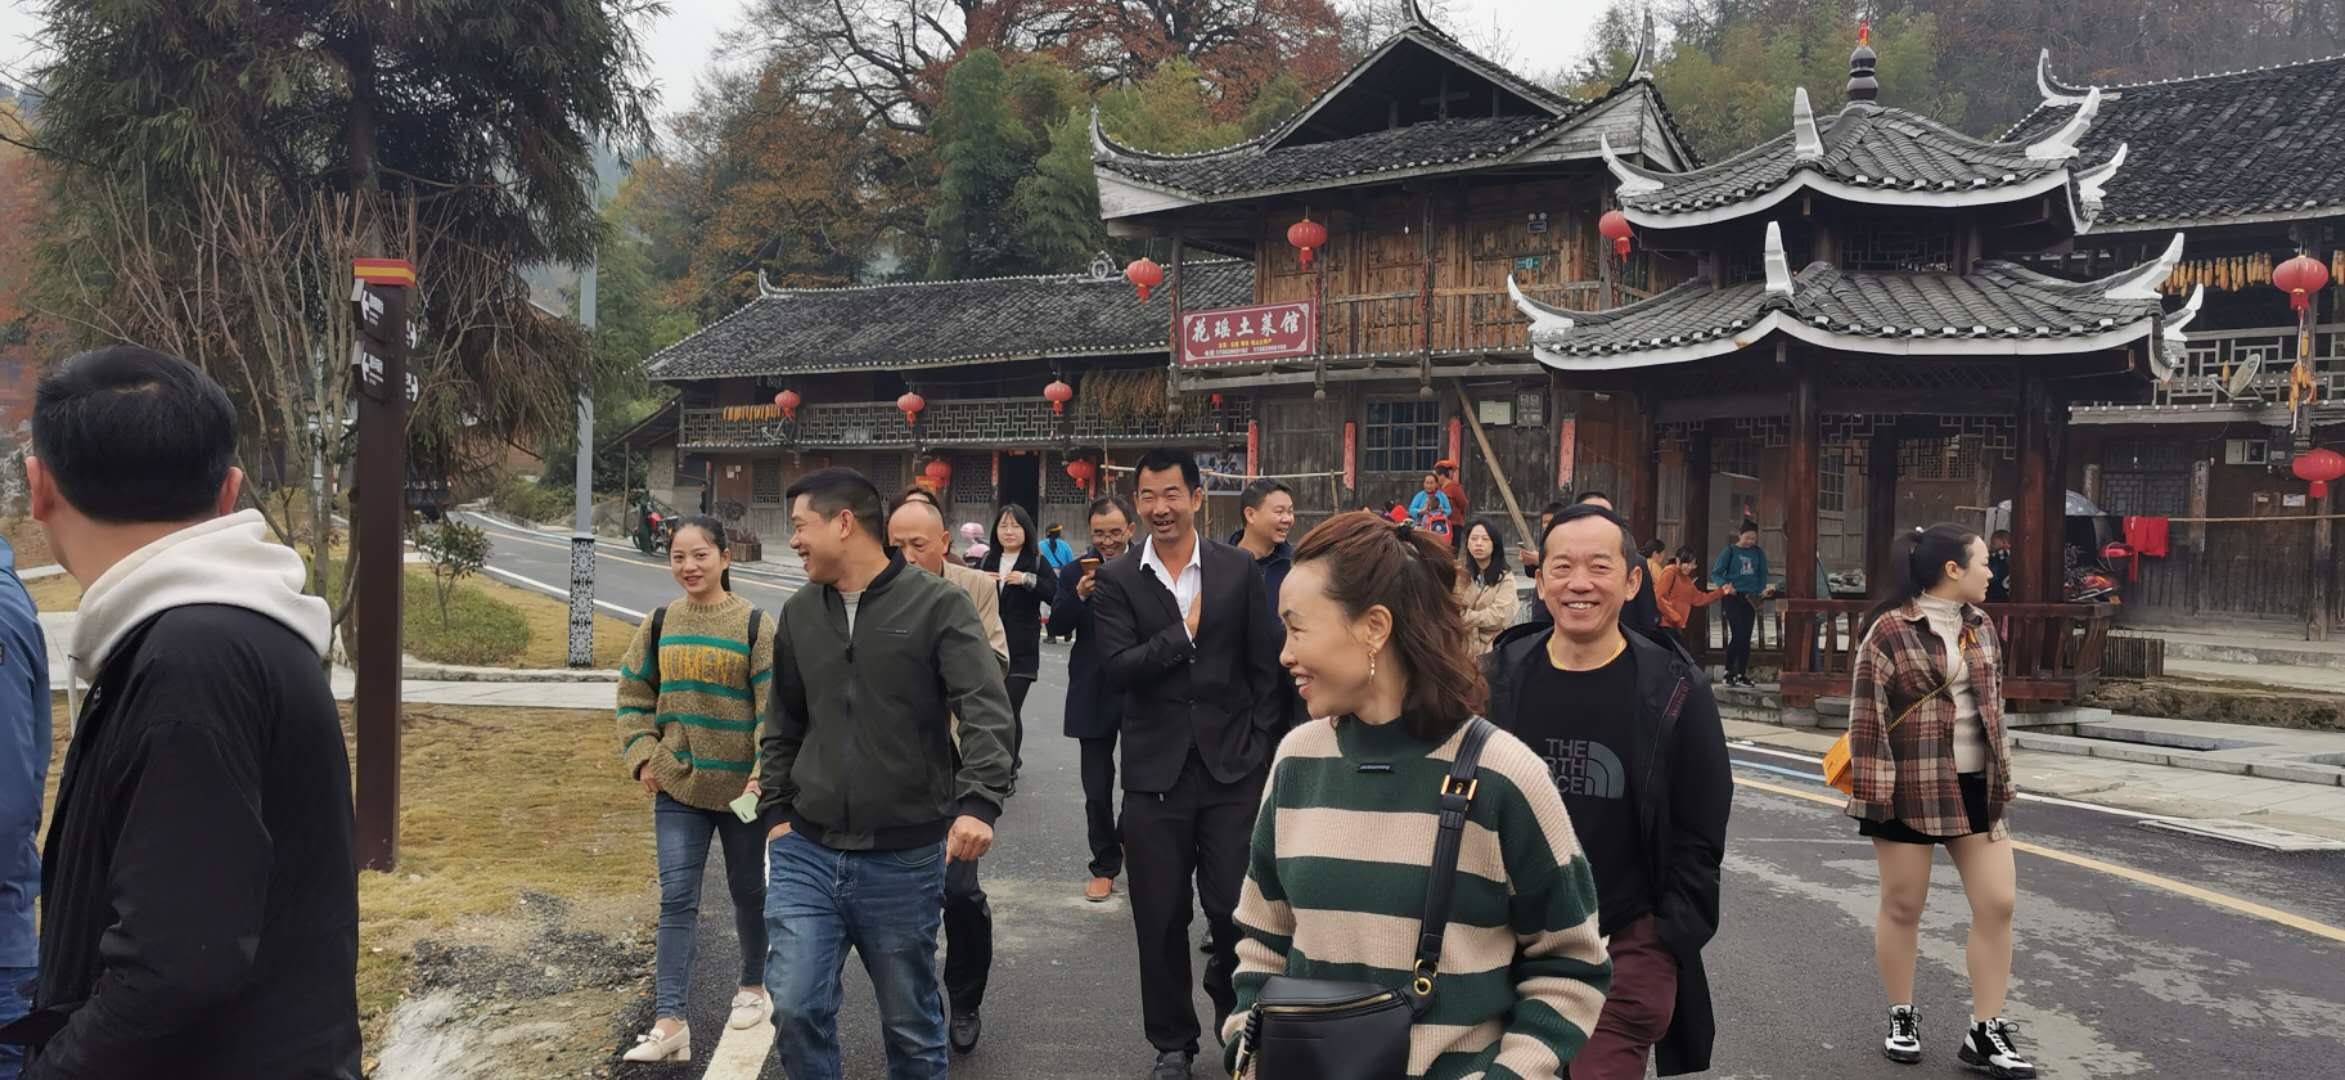 雪峰山旅游后发赶超成样板   三湘文旅团体参观纷至沓来